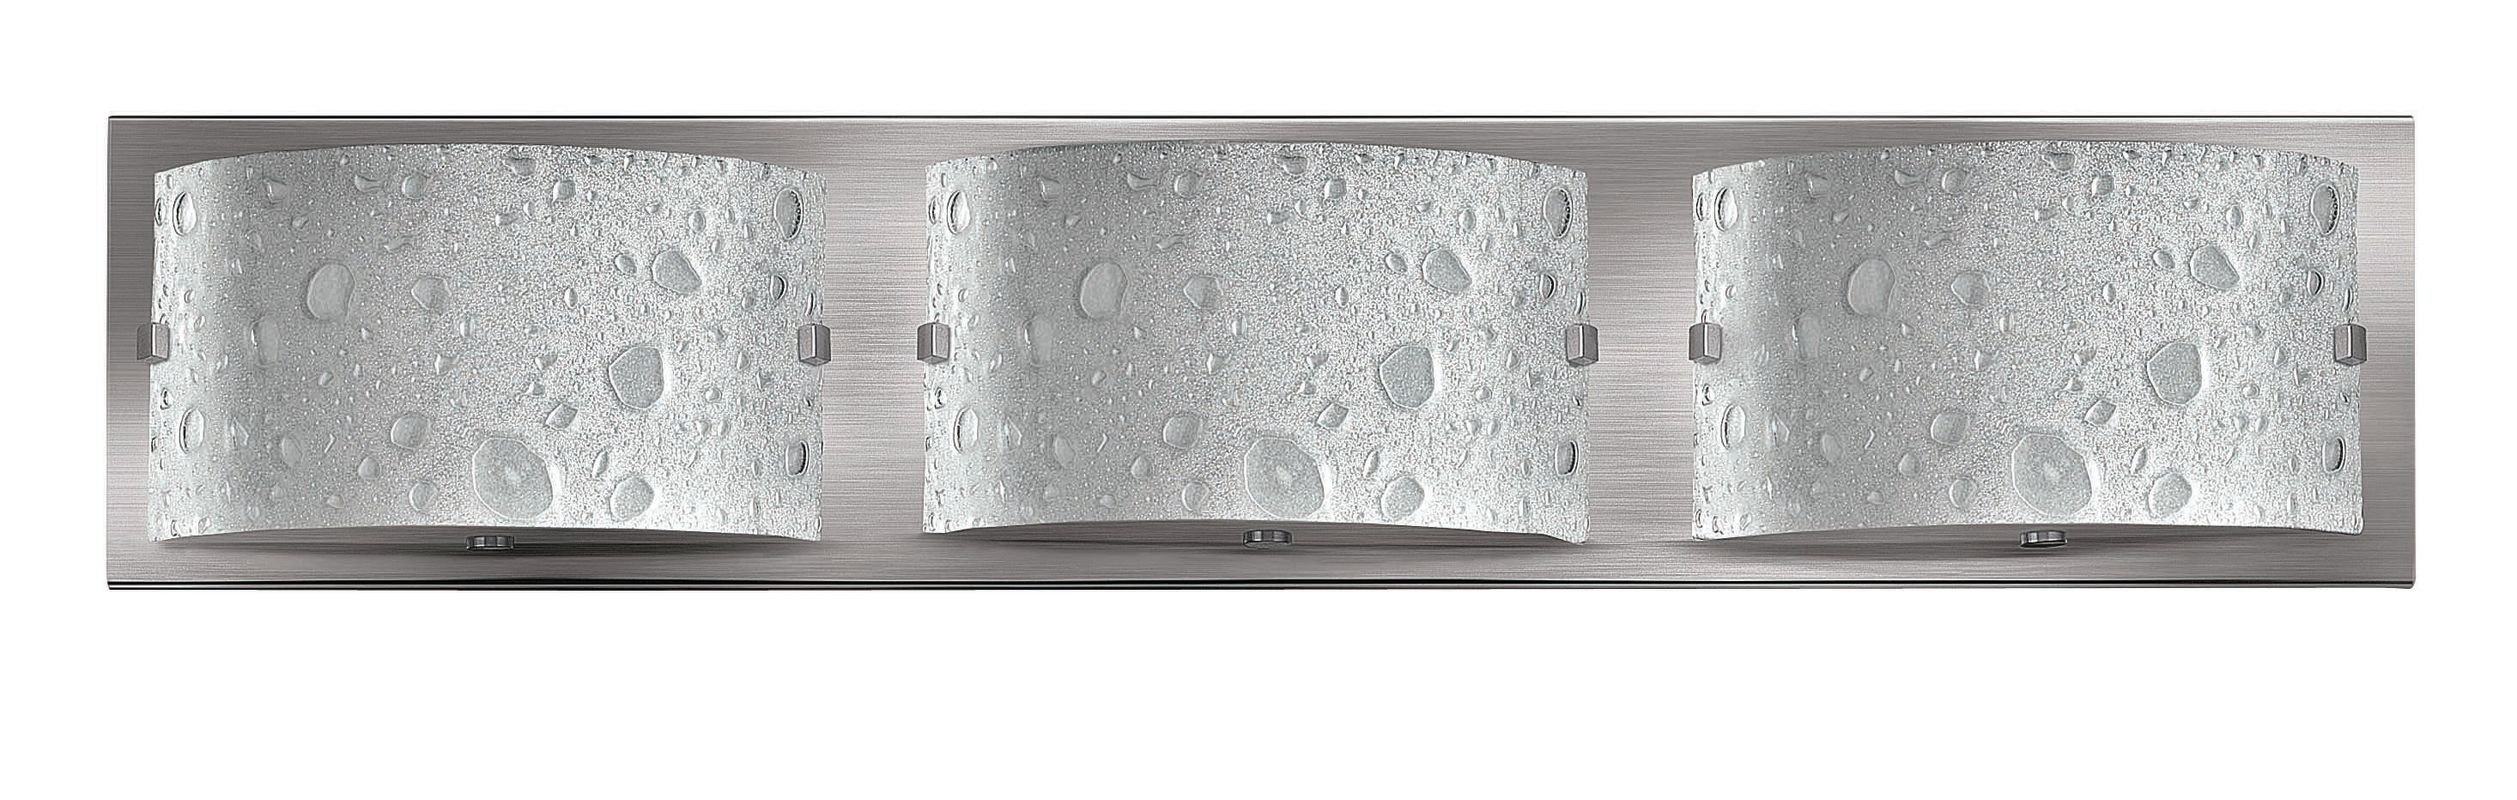 """Hinkley Lighting 5923-LED2 3 Light 24"""" Width LED ADA Compliant"""